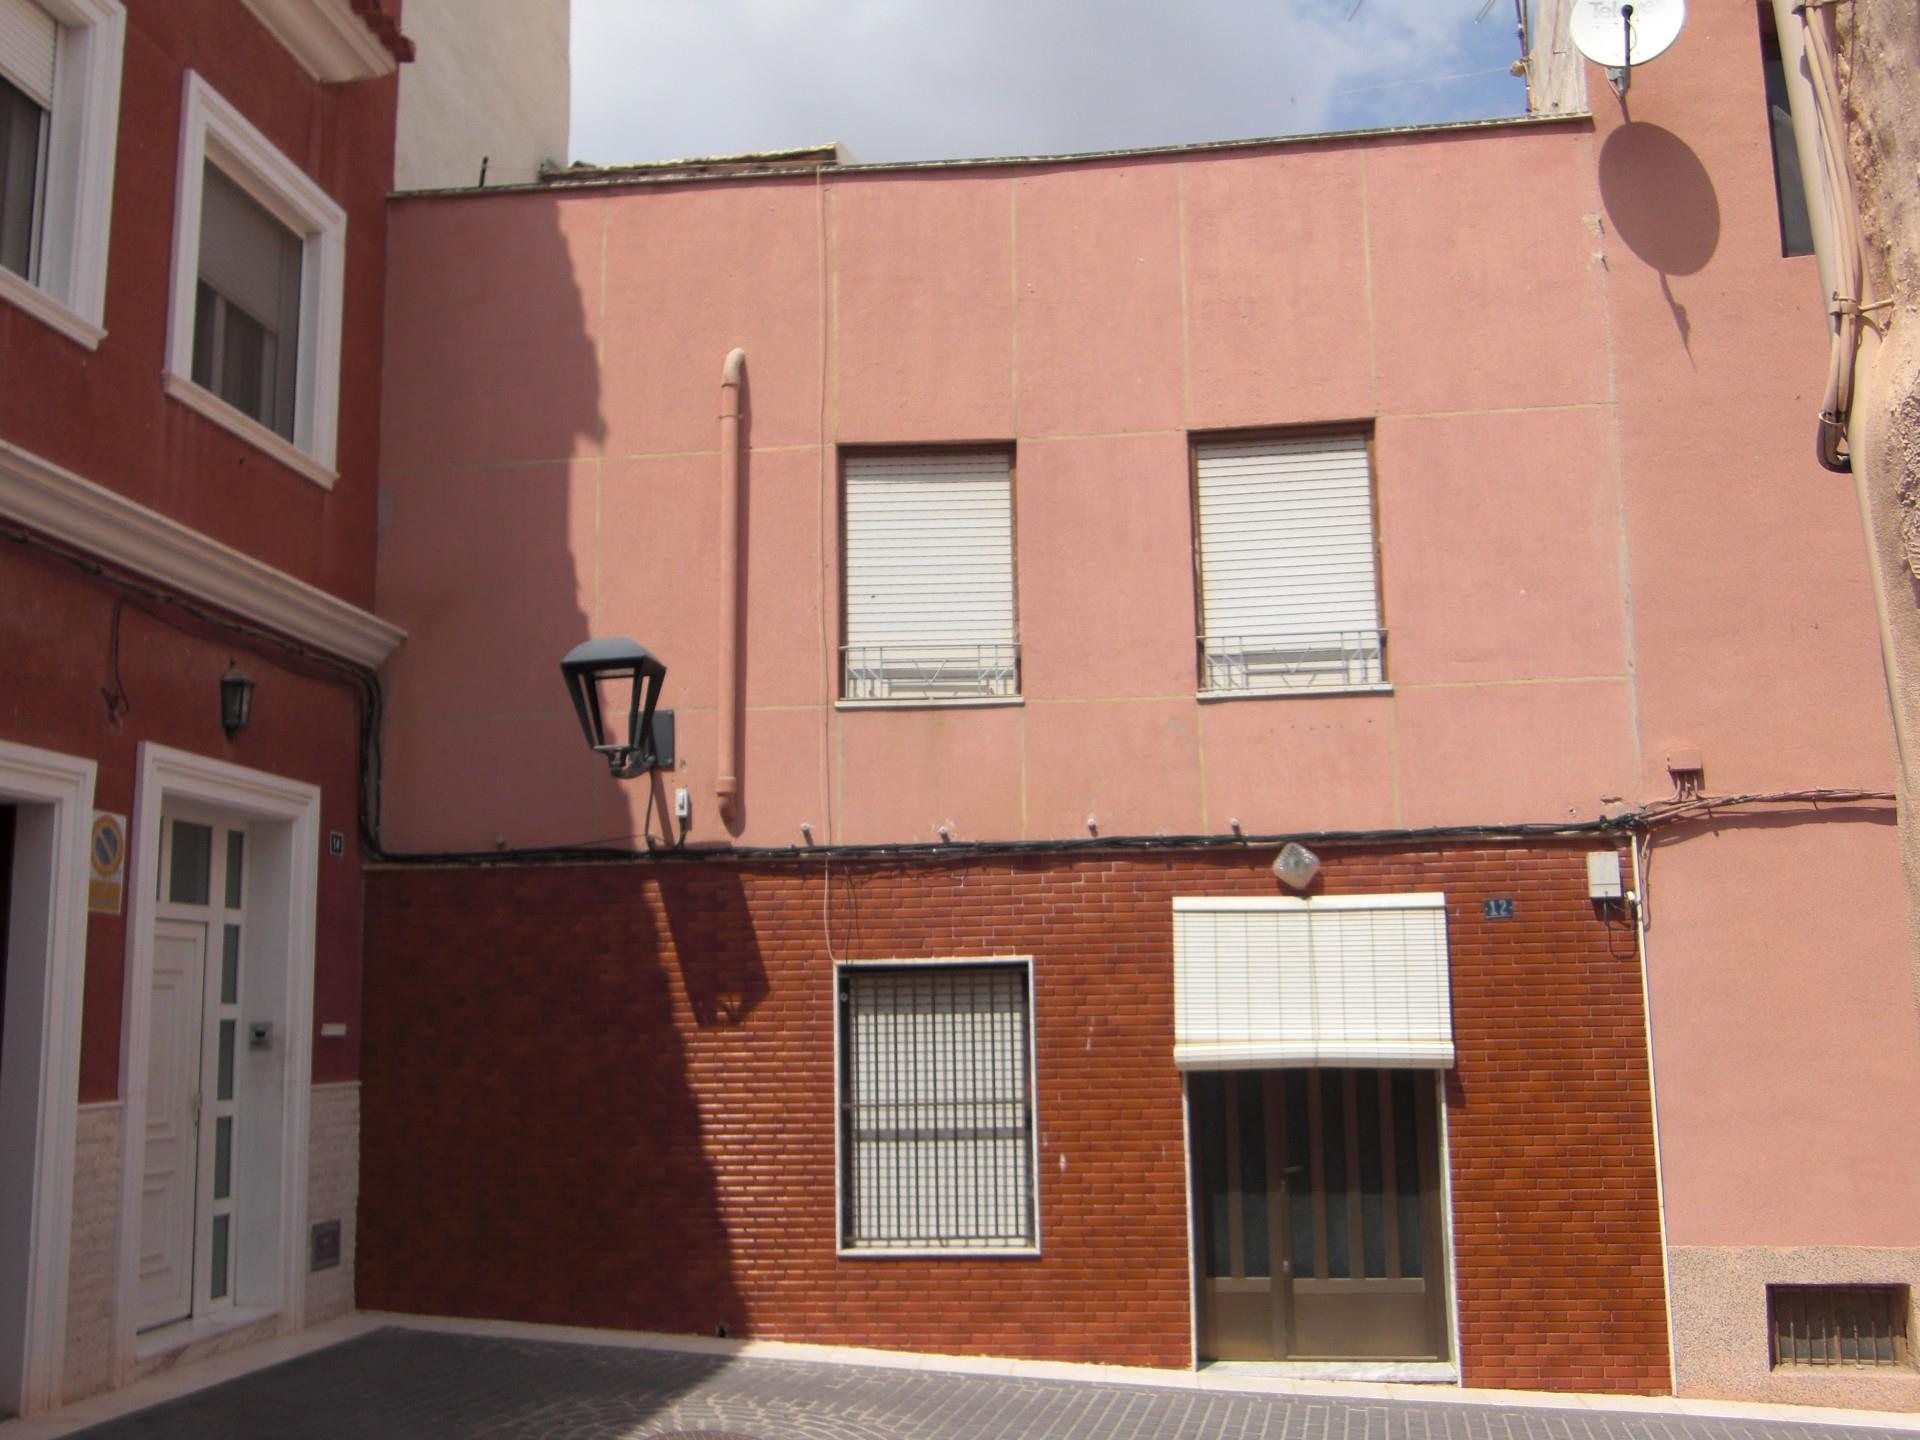 Dúplex  Calle santa cecilia. Centro / calle santa cecilia